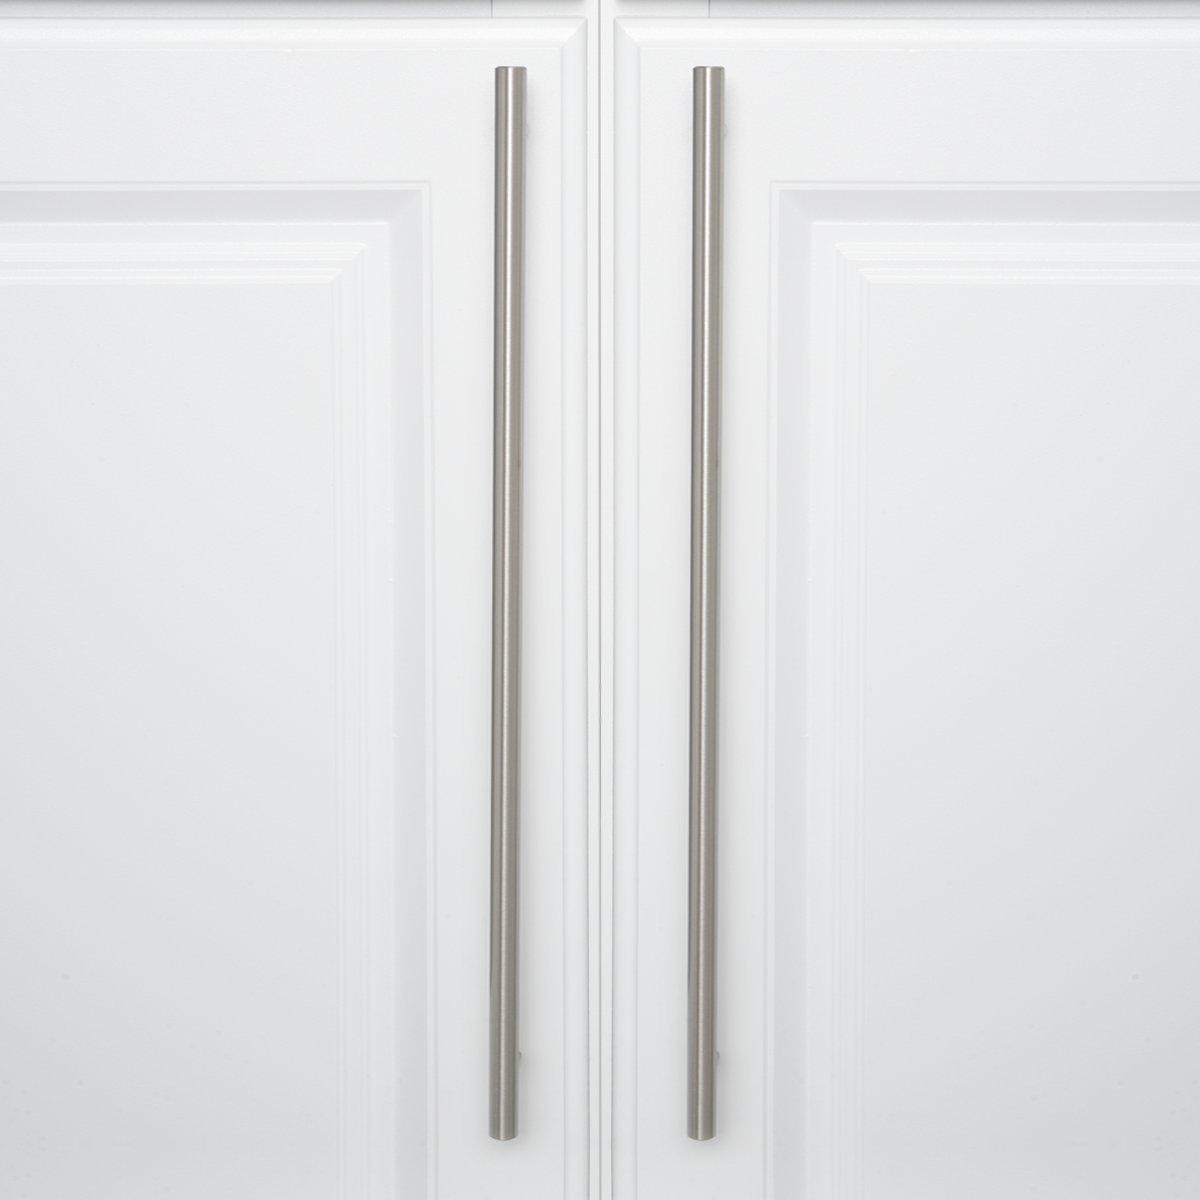 Interasse: 12,7 cm Maniglia a barra per mobili Bronzo anticato Lunghezza 18,74 cm Basics diametro 1,27 cm Confezione da 10 stile europeo